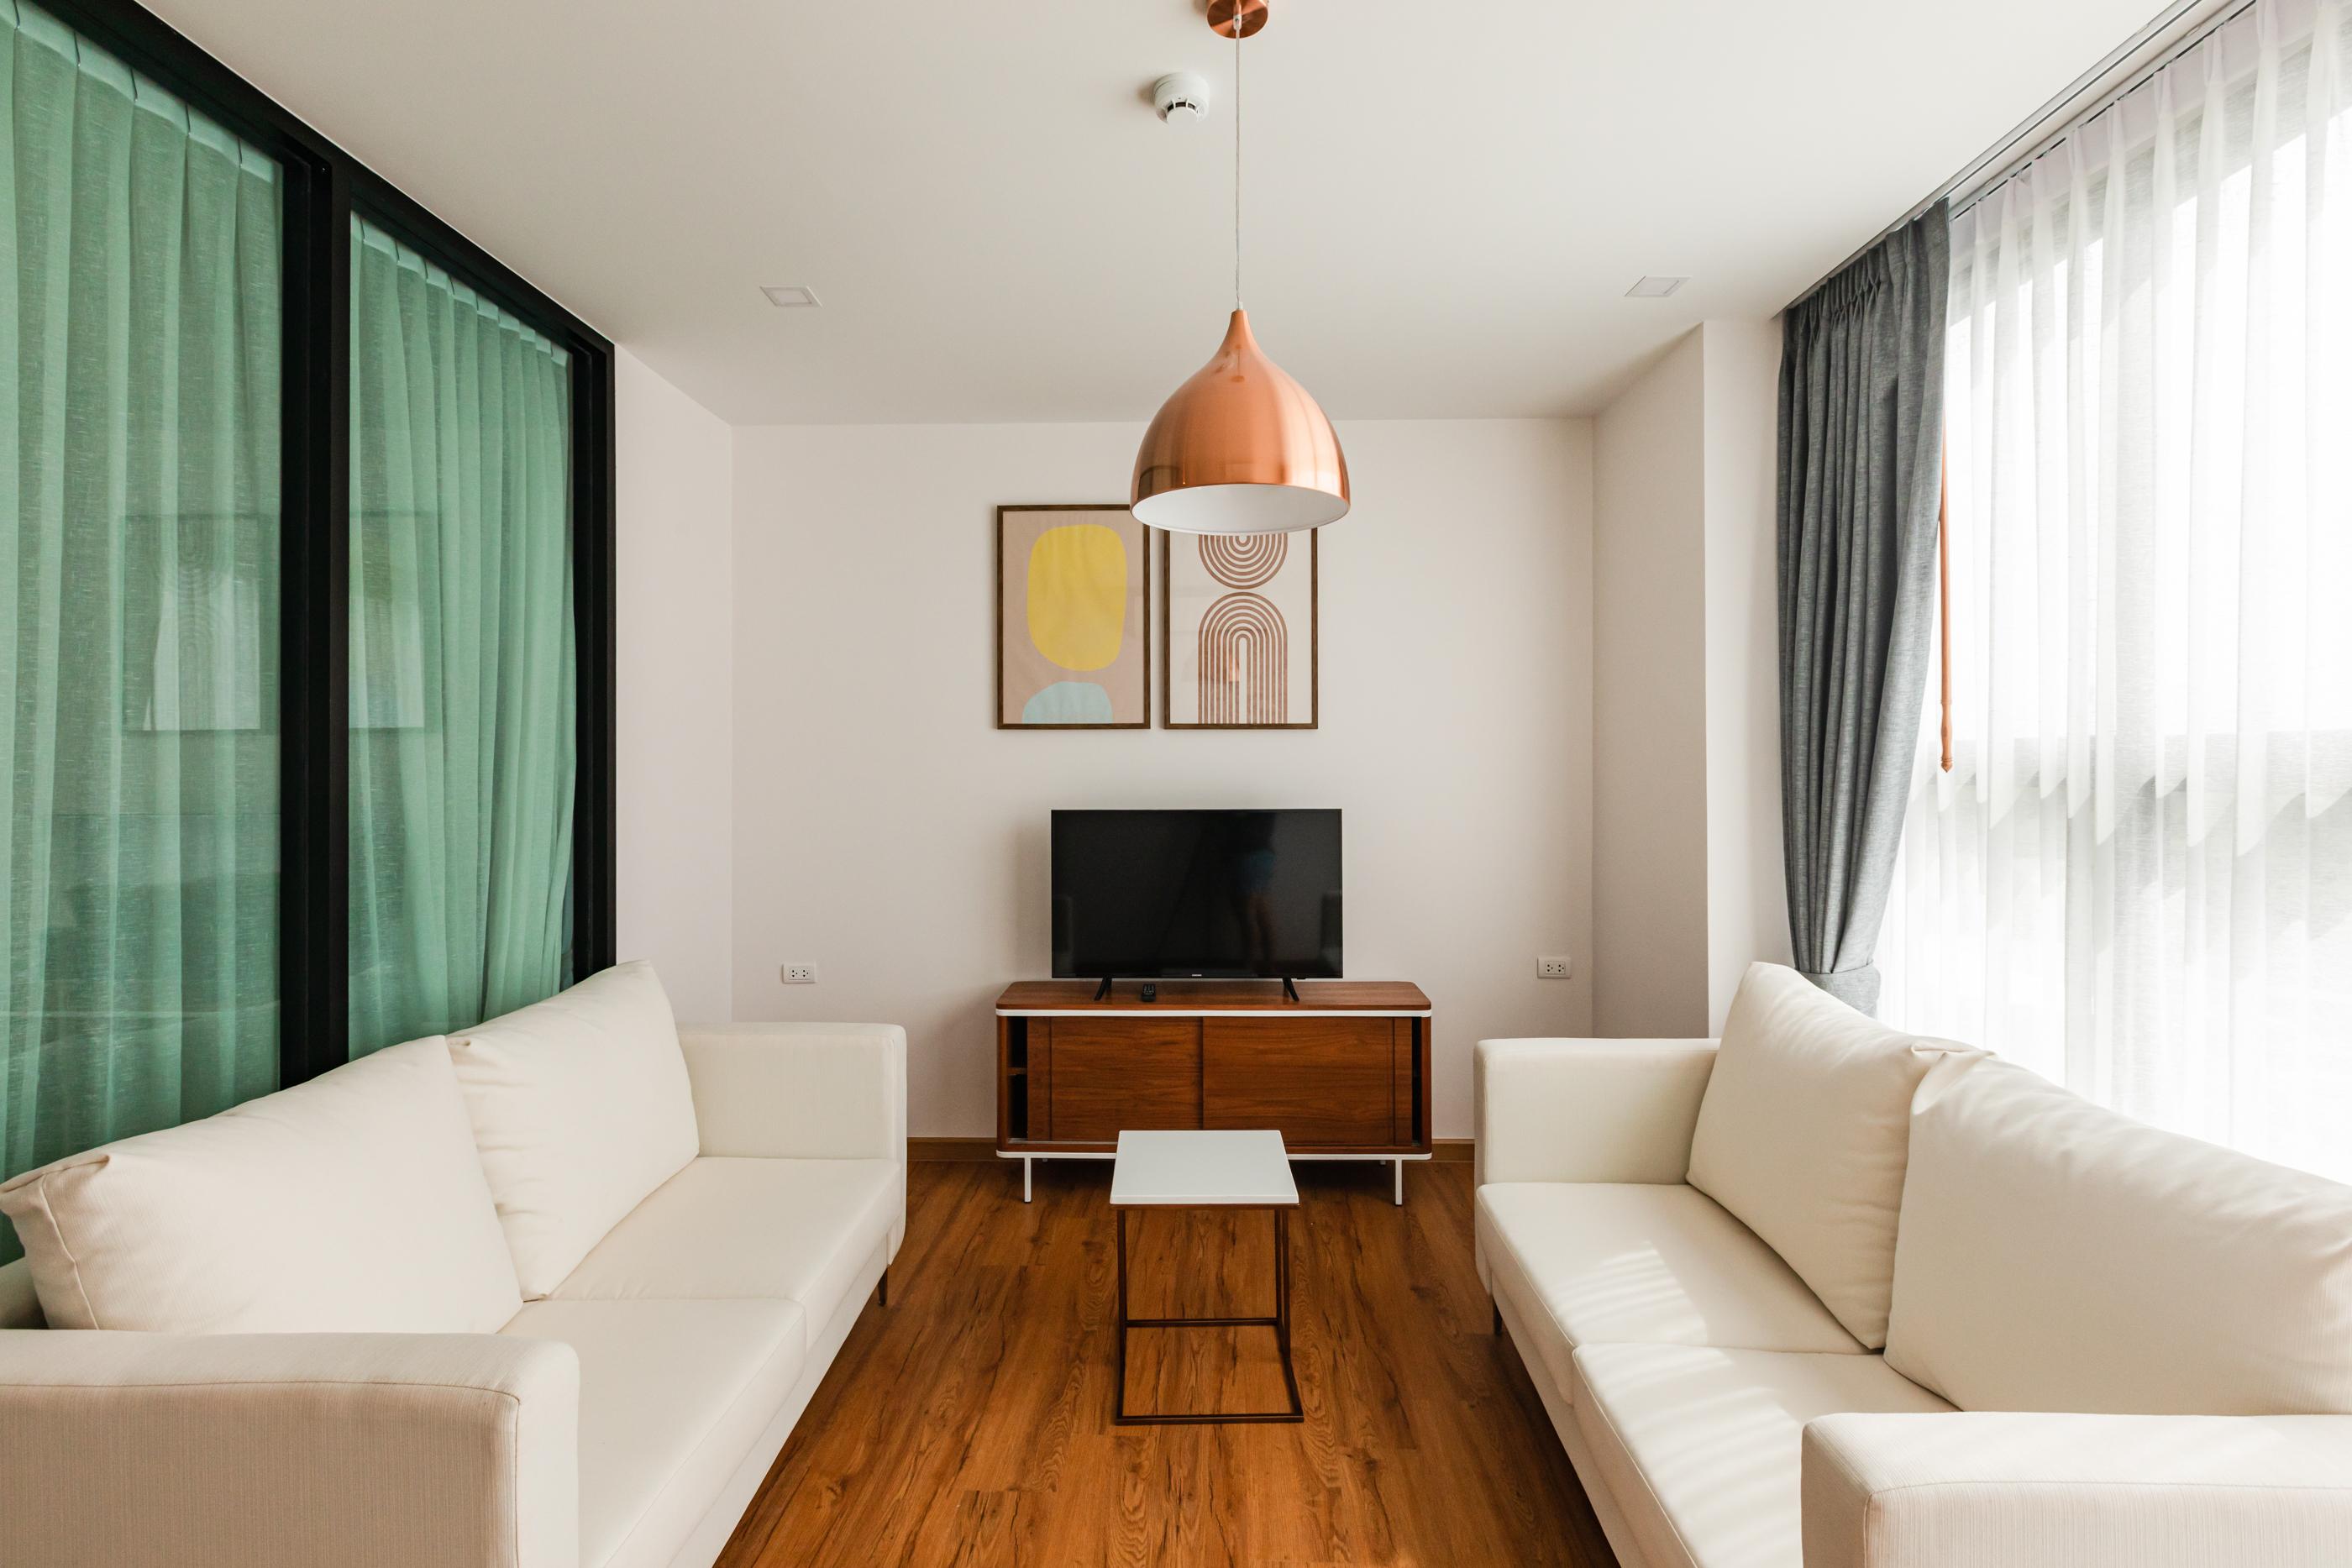 2 Bedroom condominium in Rawai (RW-185)